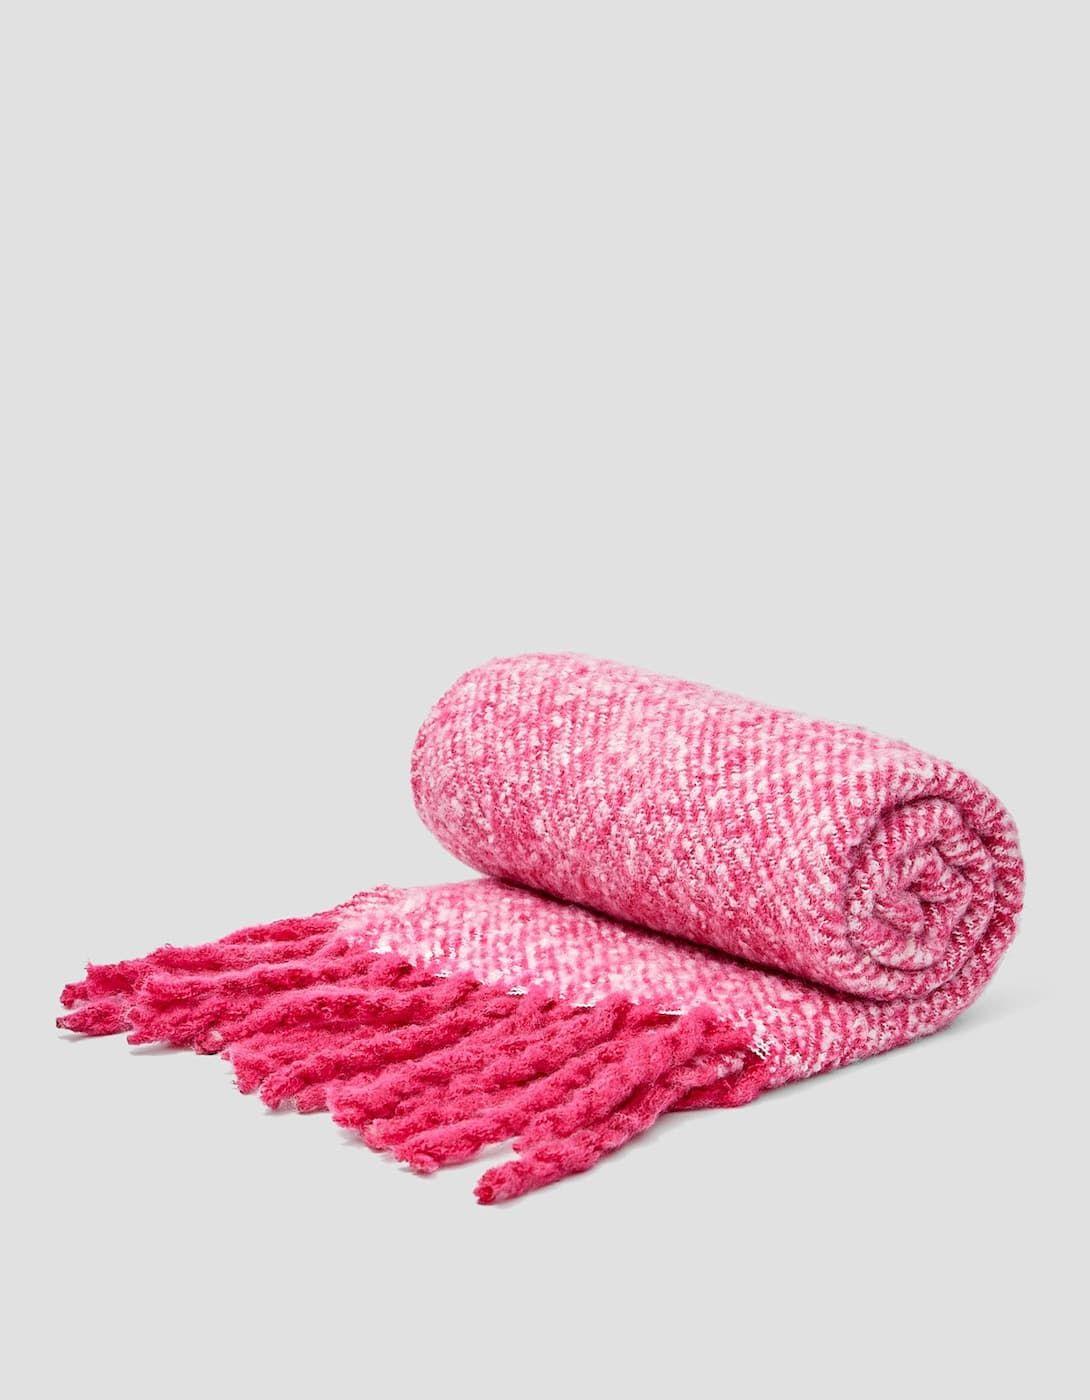 Bufanda de hilo - Bufandas y pañuelos de mujer  96a6d81d4cf